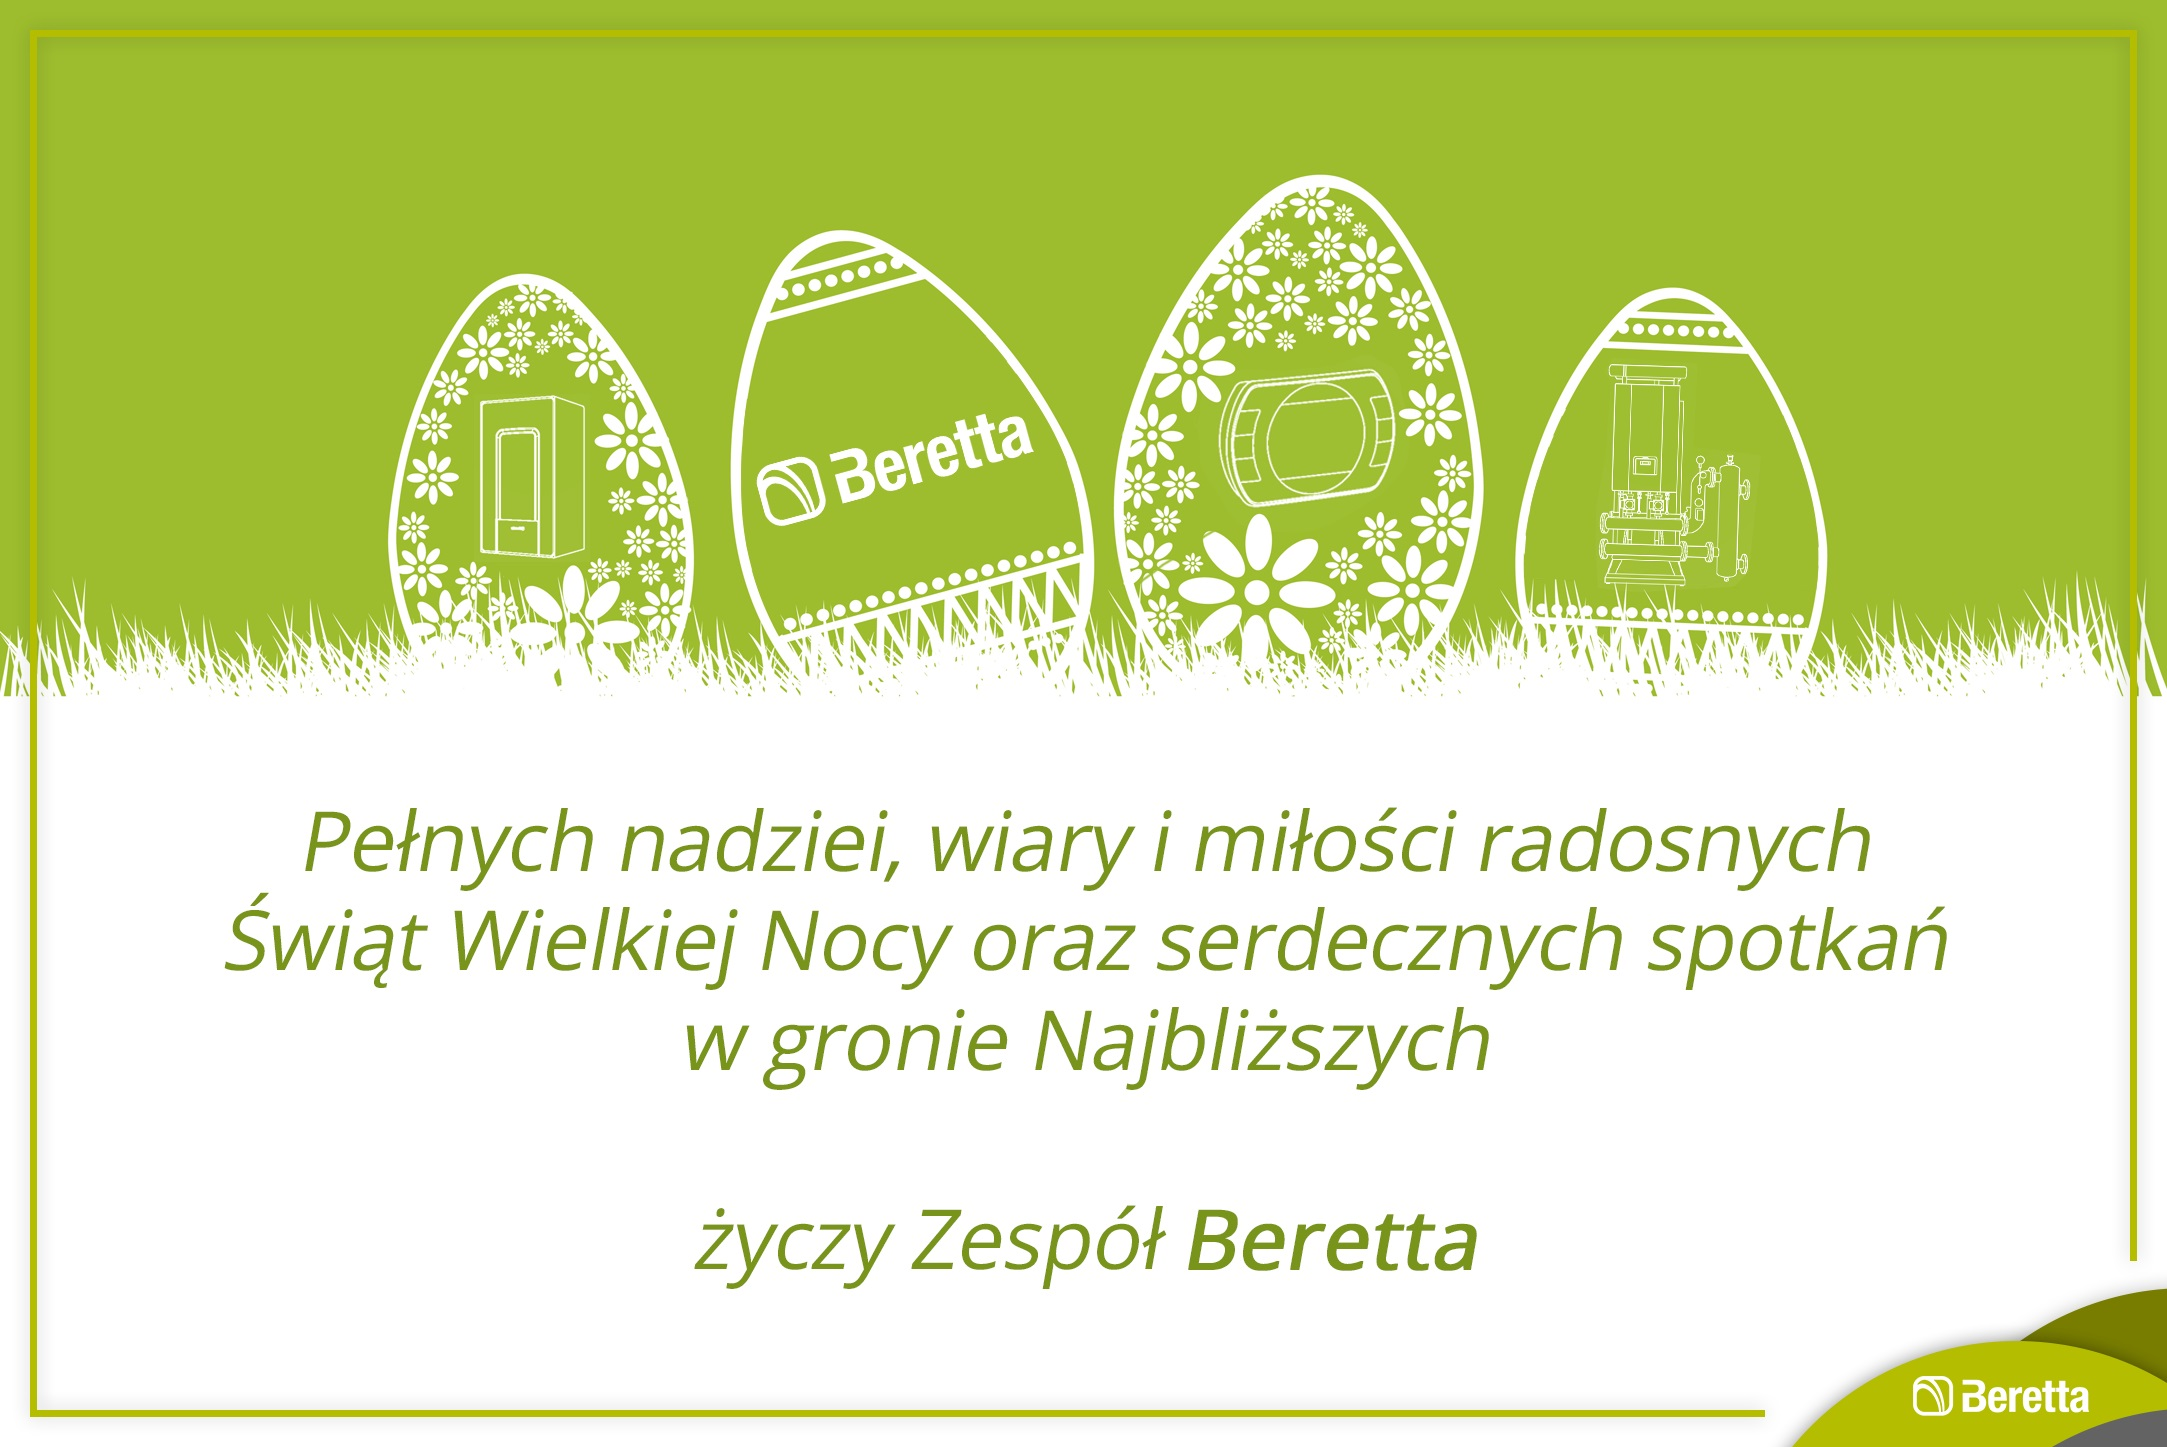 Życzenia wielkanocne od marki Beretta !